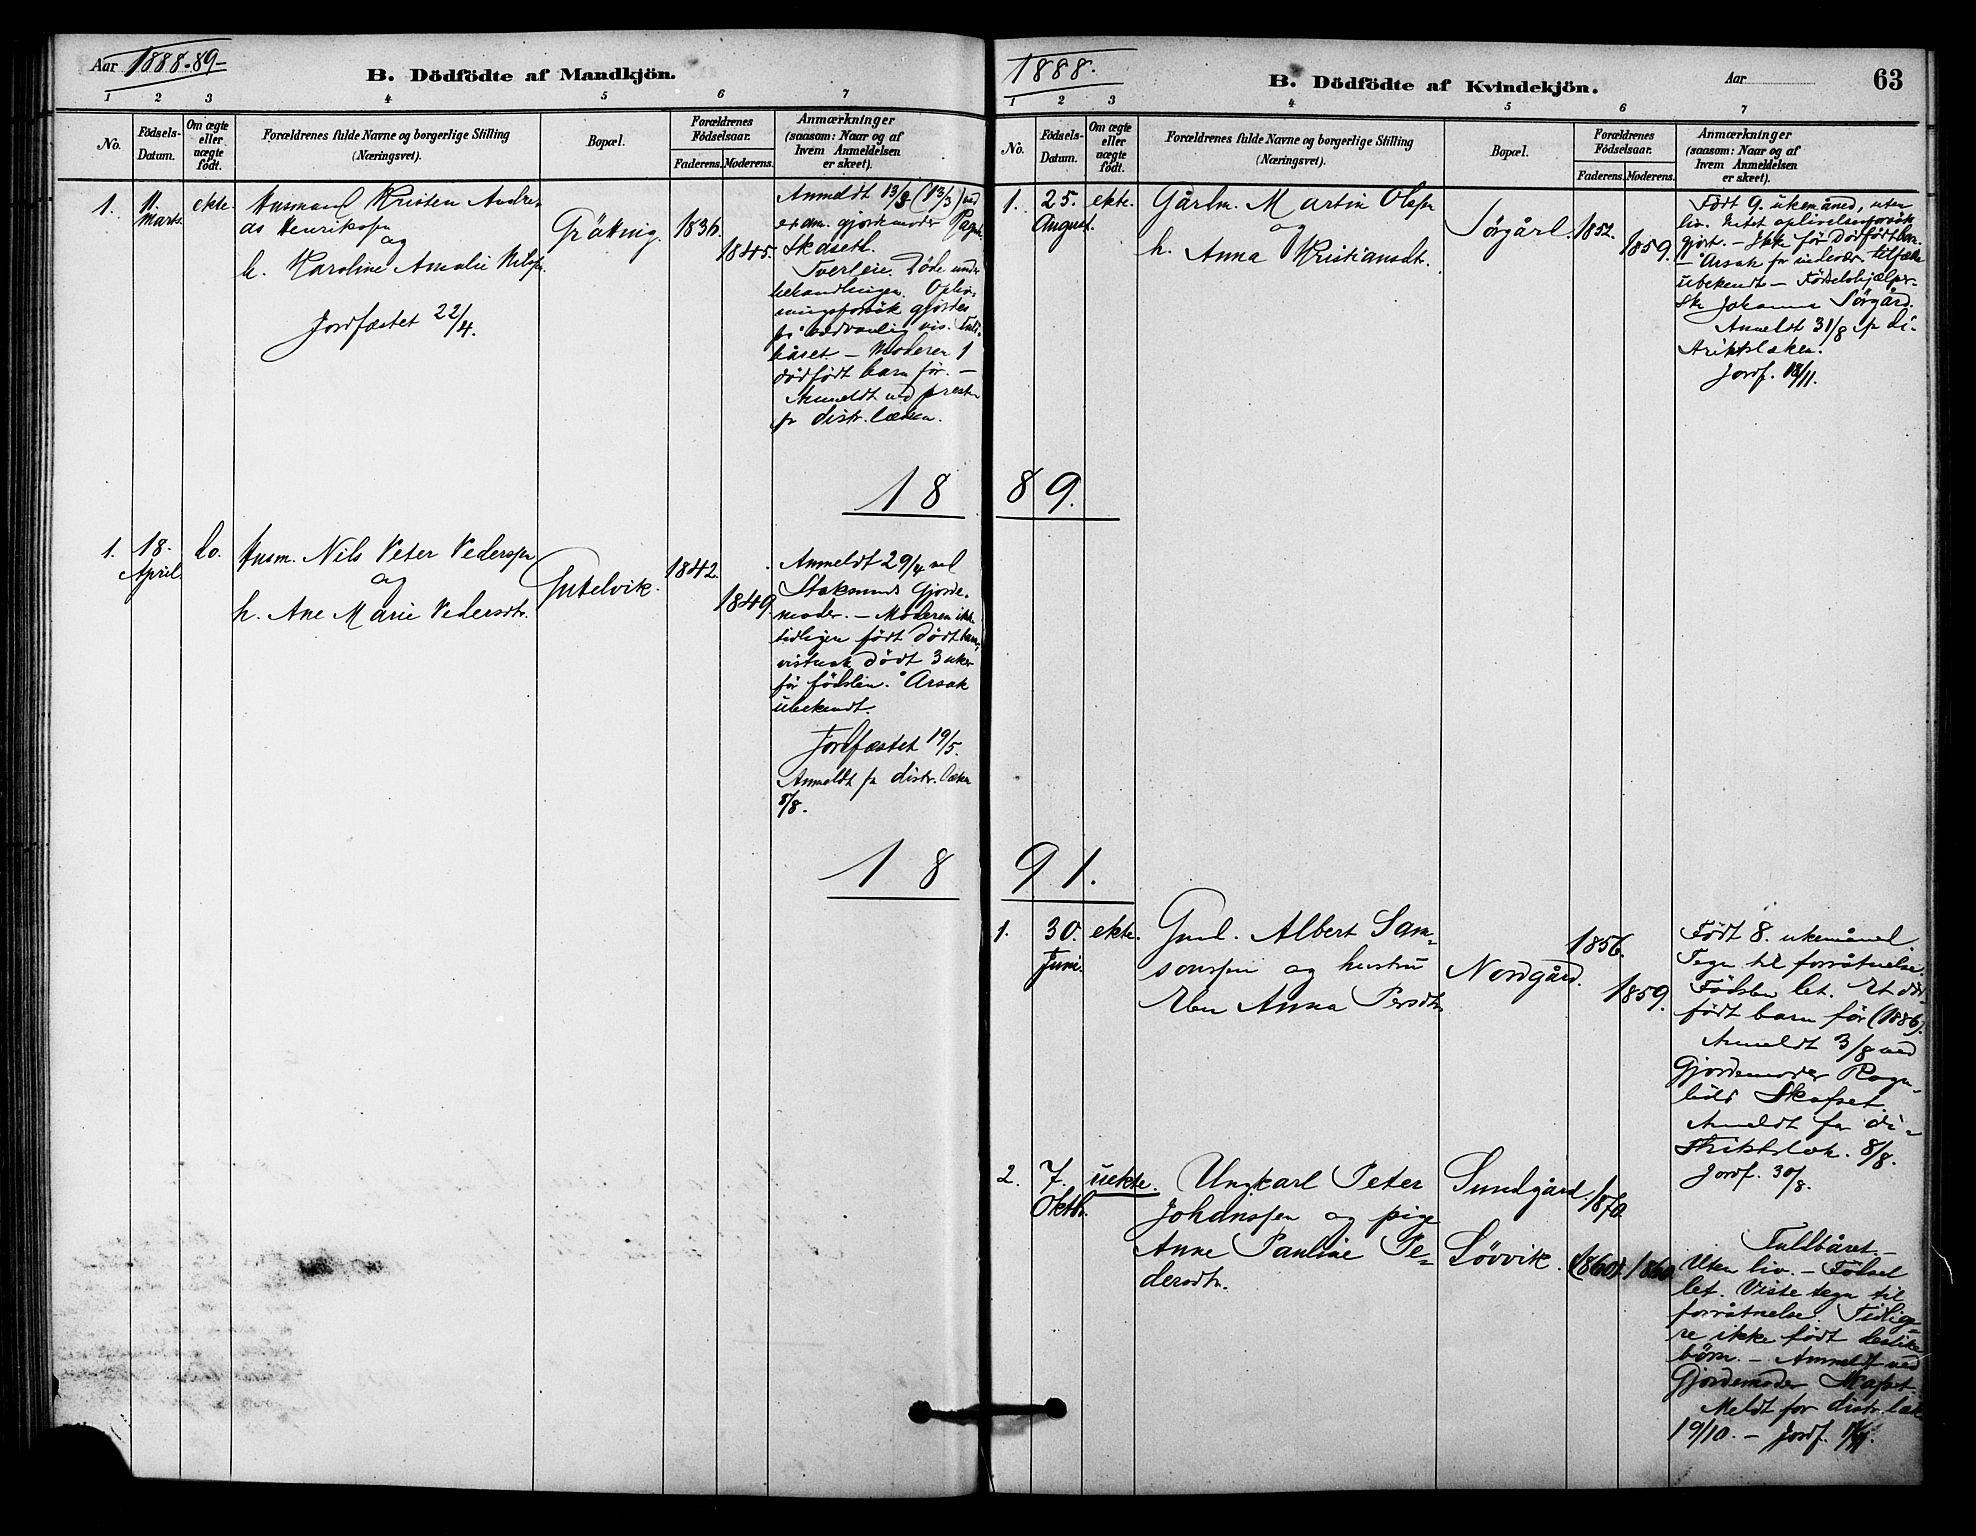 SAT, Ministerialprotokoller, klokkerbøker og fødselsregistre - Sør-Trøndelag, 656/L0692: Ministerialbok nr. 656A01, 1879-1893, s. 63